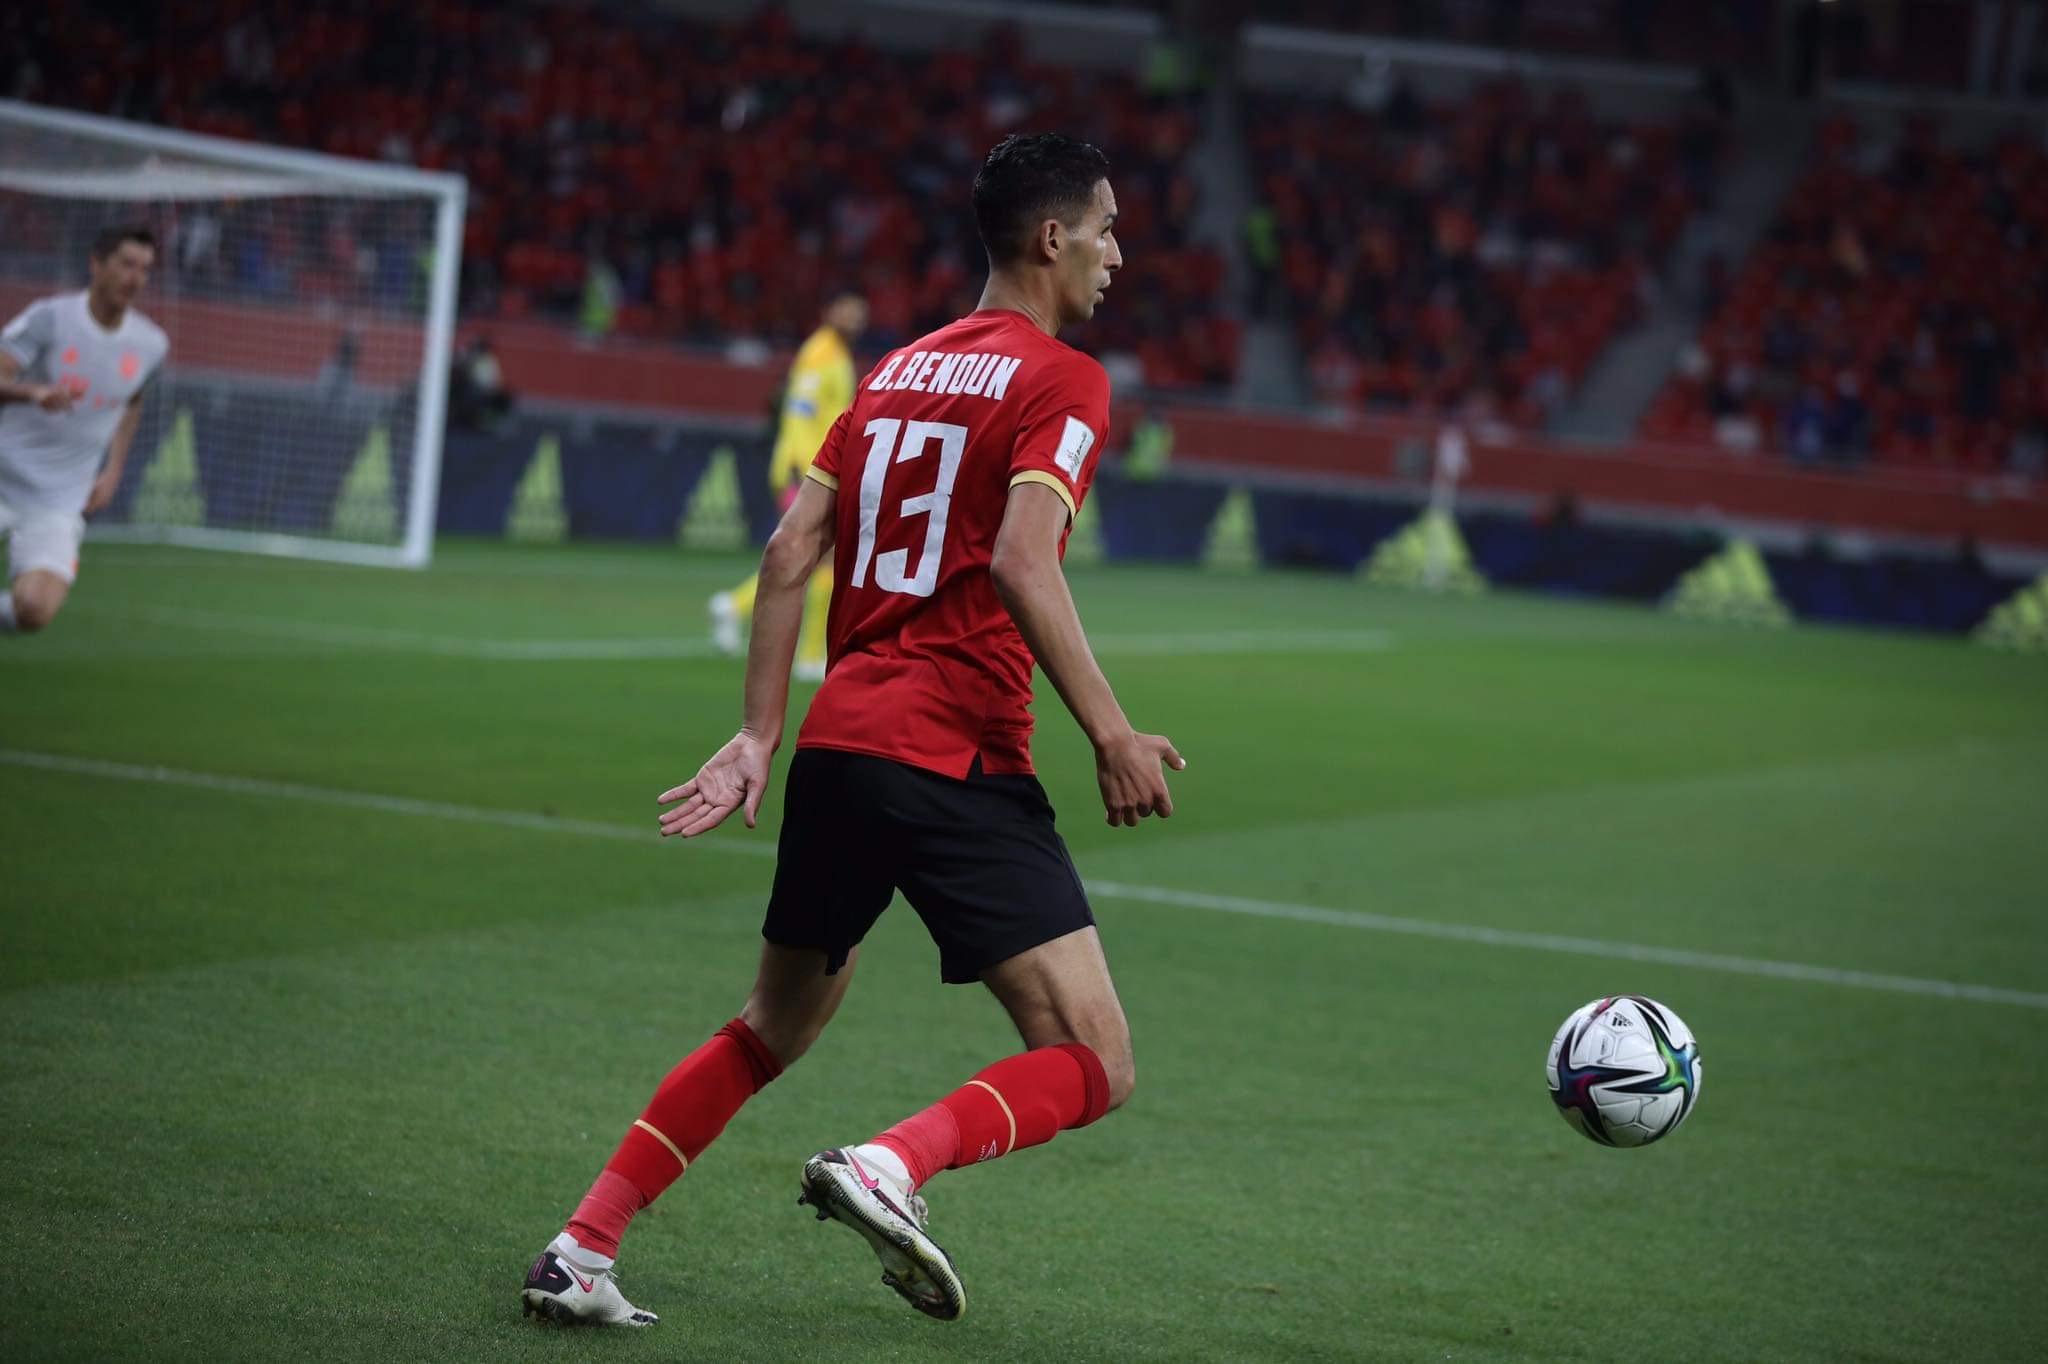 الأهلي في المونديال| بانون: قدمنا مباراة جيدة أمام البايرن.. وهدفنا الفوز بالبرونزية